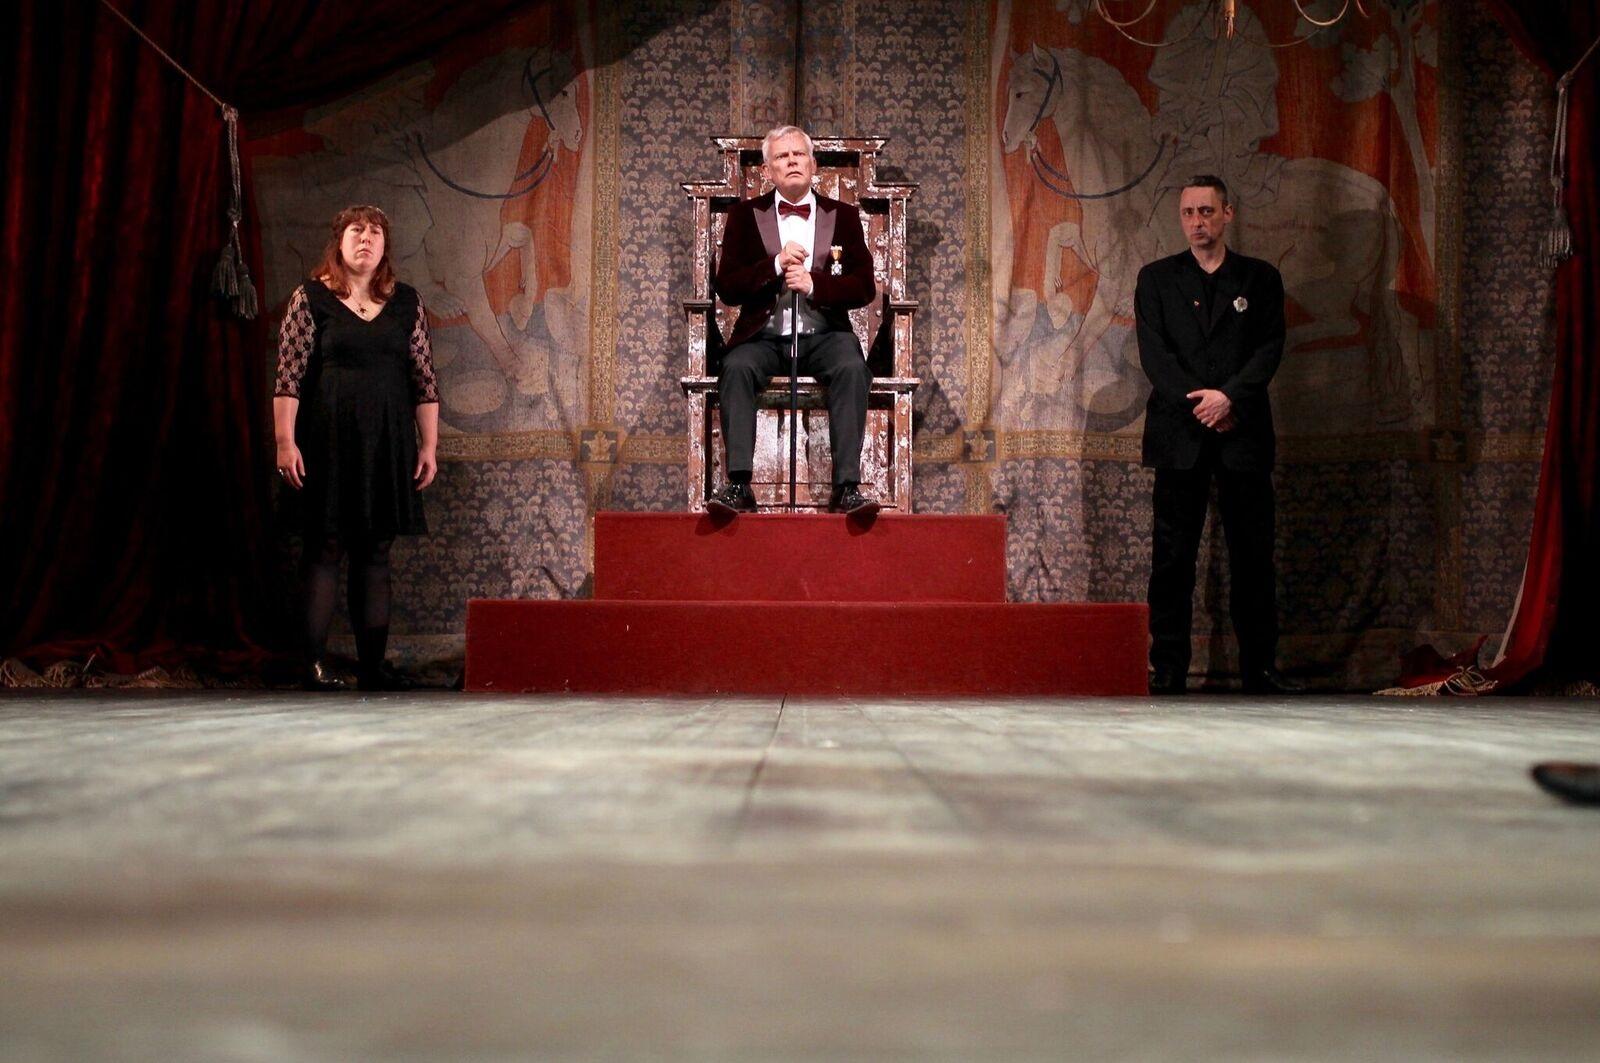 King Edward makes his decree